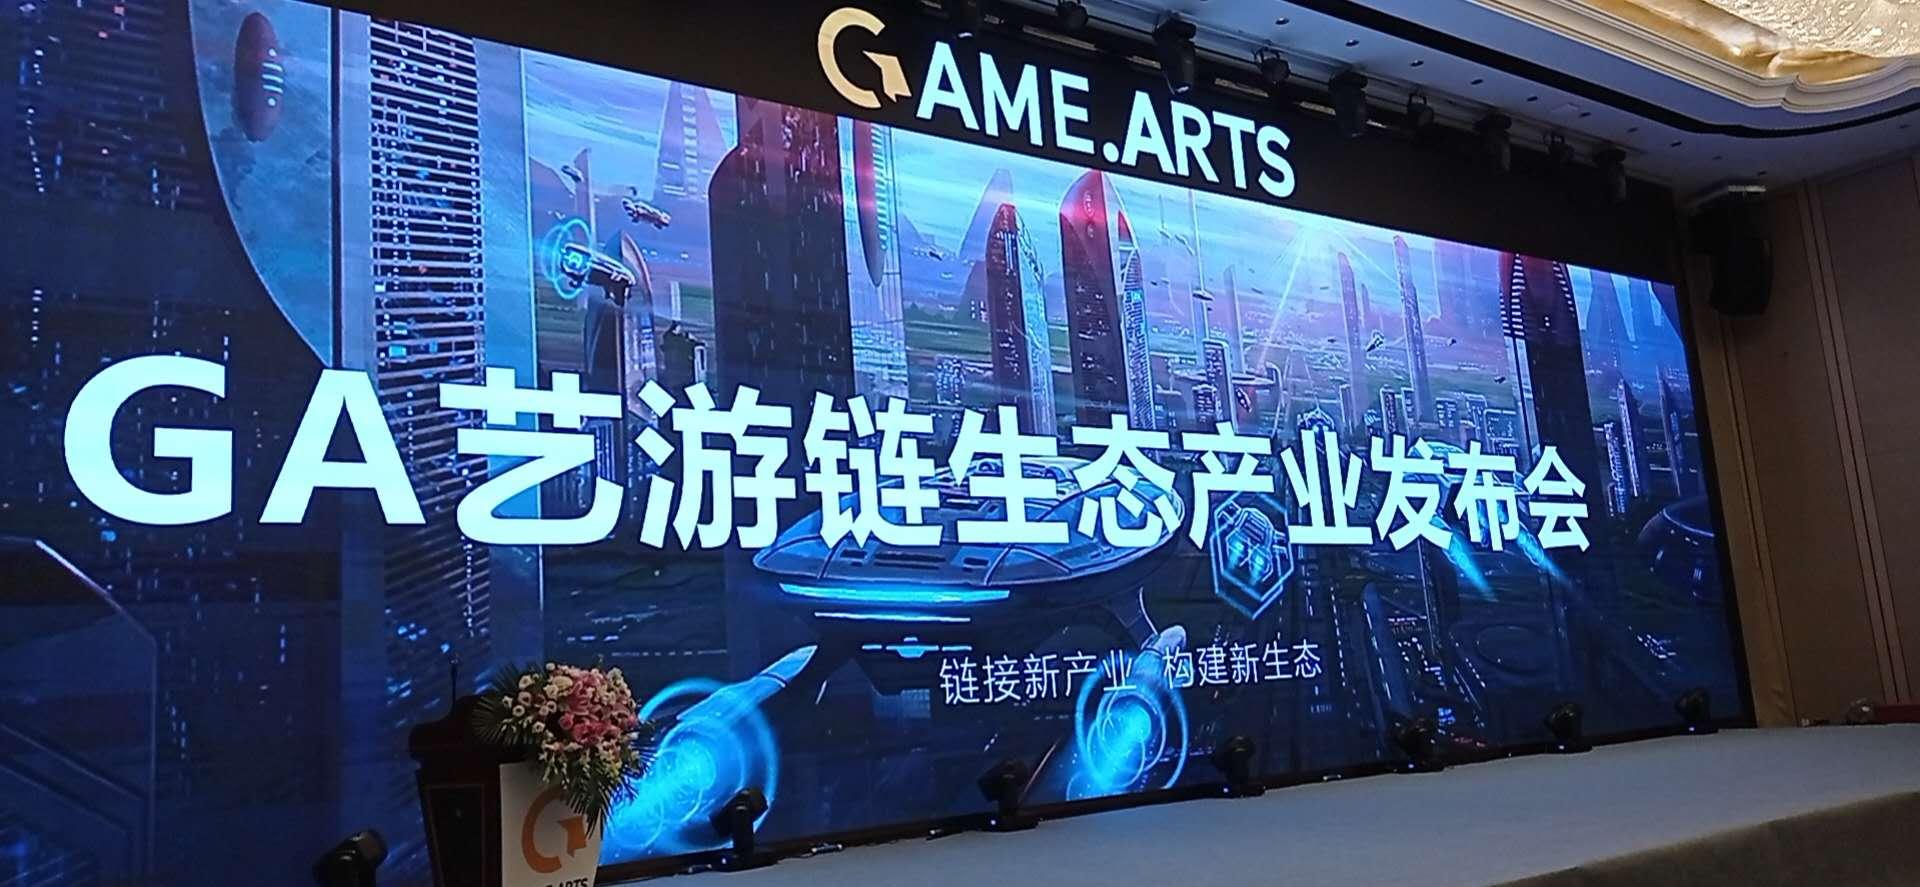 区块链游戏盛宴,GA艺游链生态产业发布会即将盛大召开!